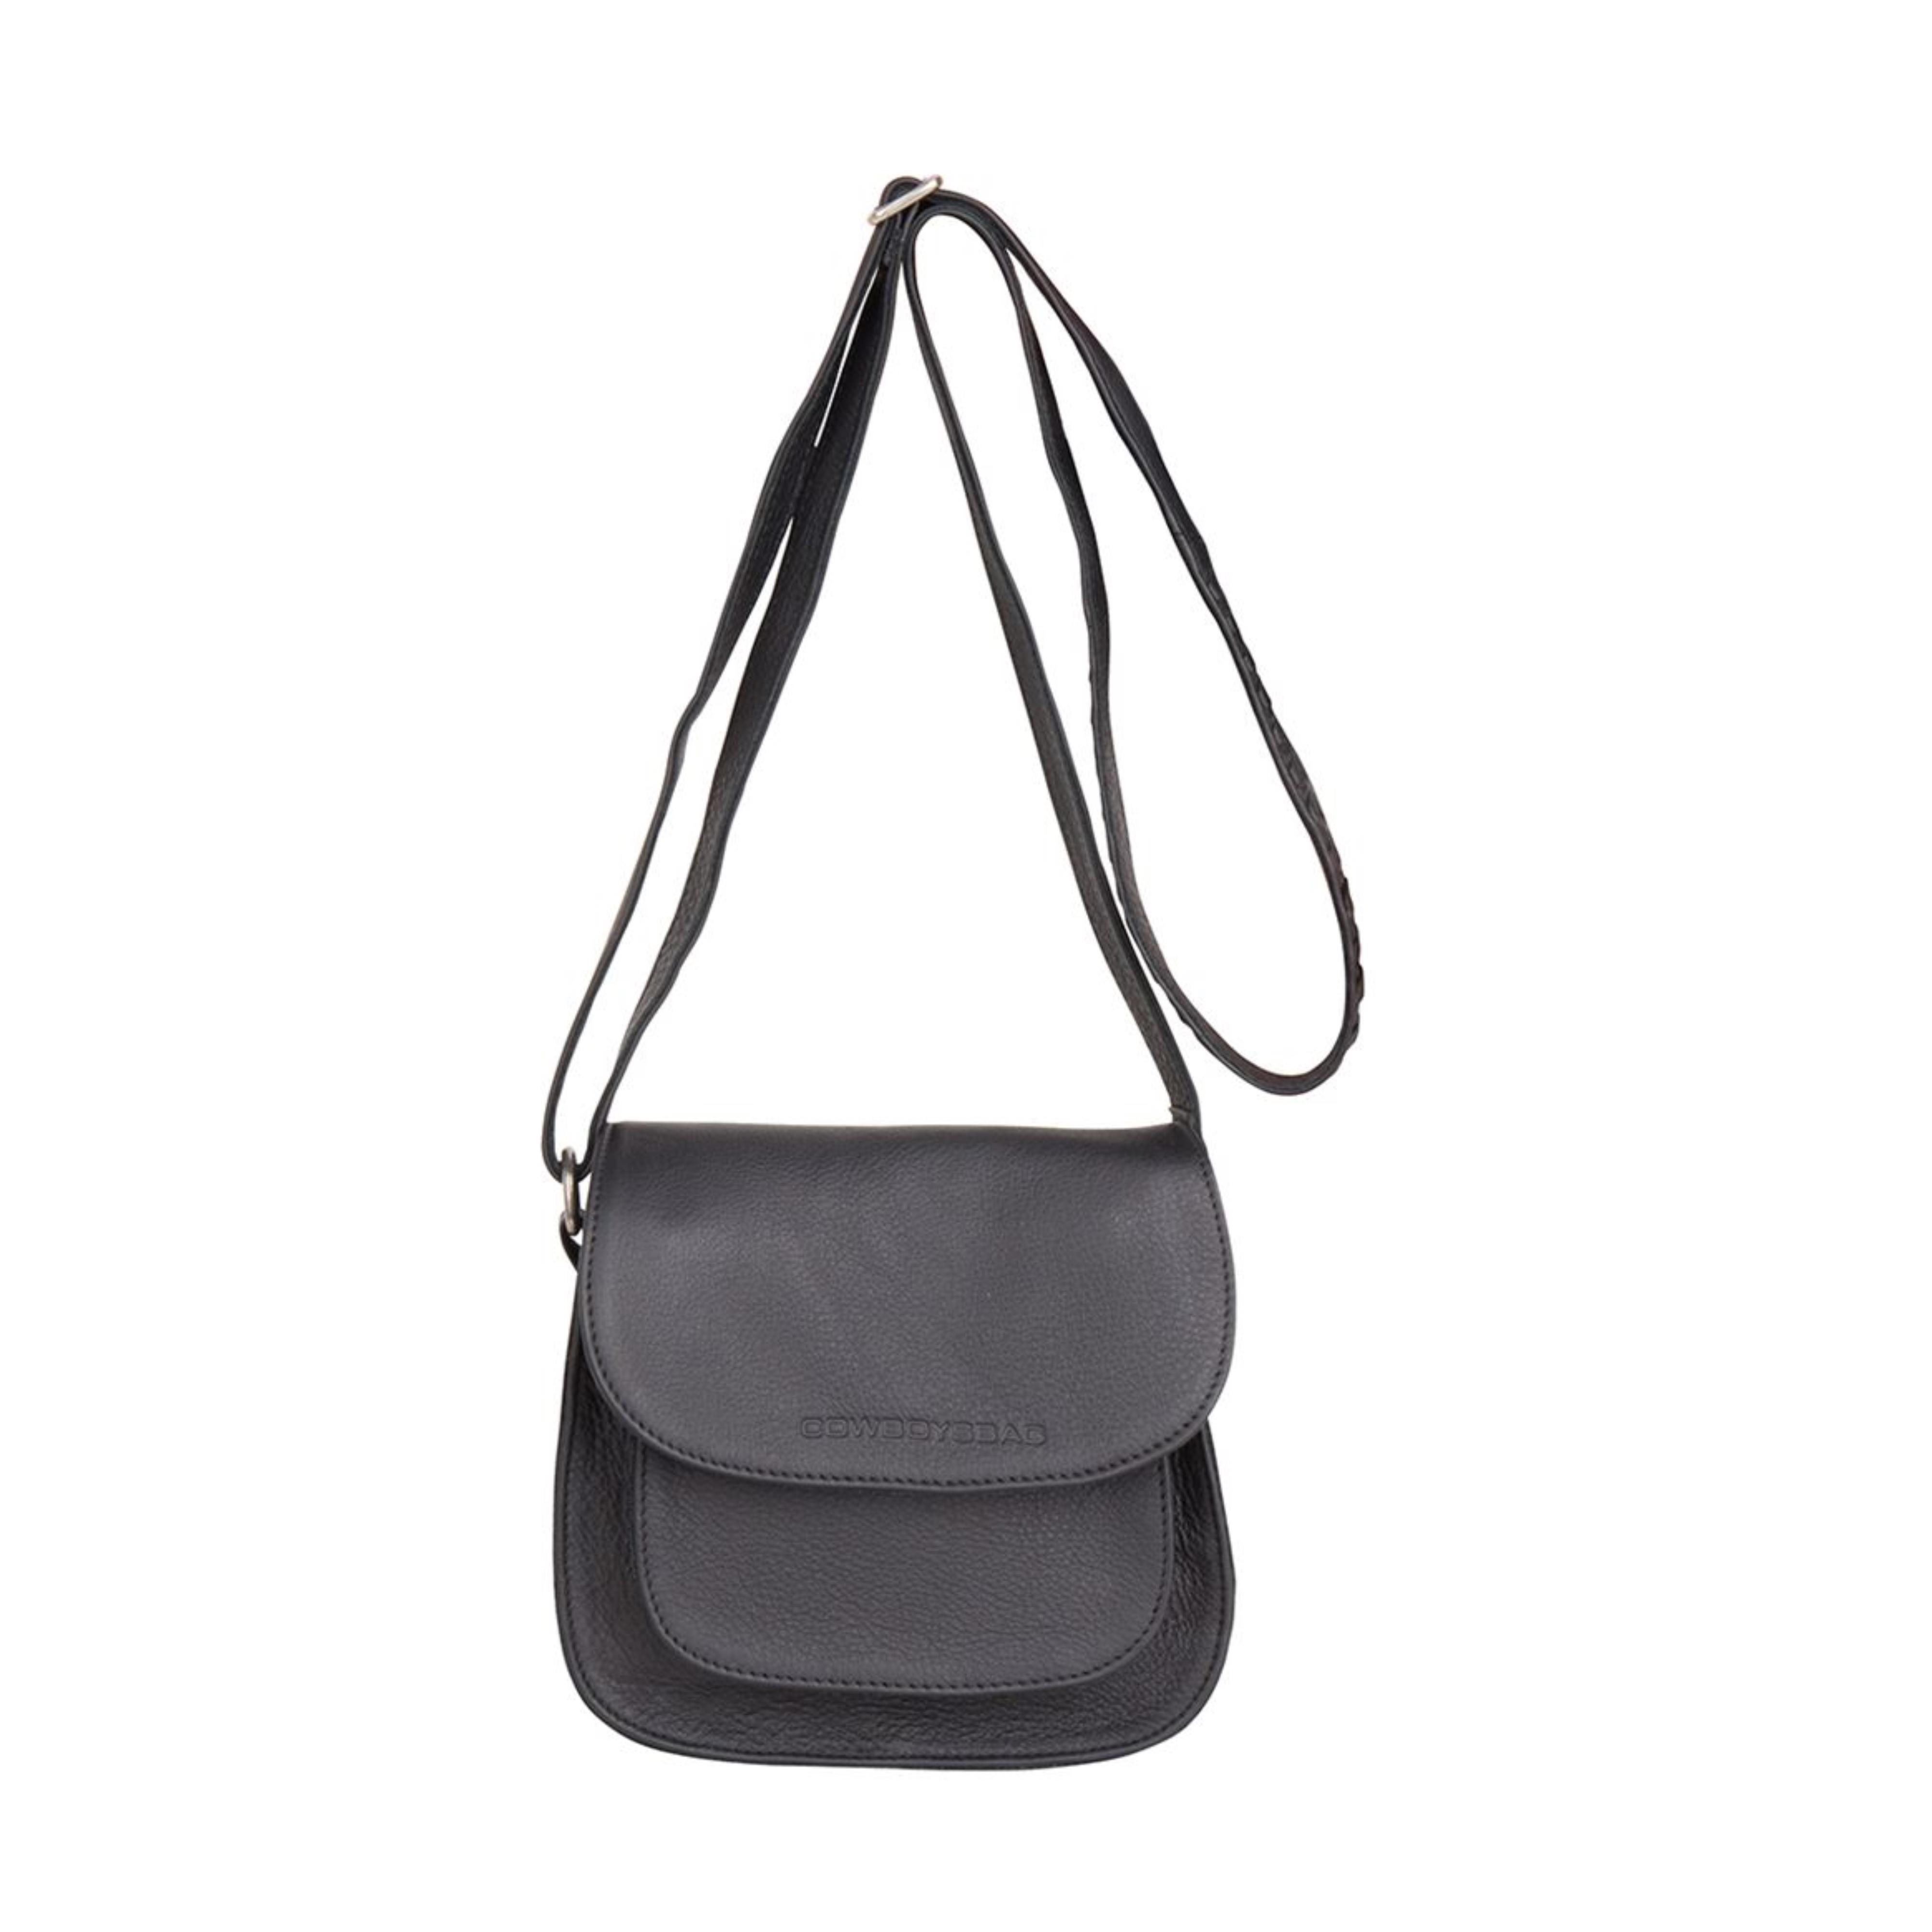 9fe21eb9070b0 COWBOYSBAG Damen Tasche Umhängetasche Bag Whiton Black Schwarz 2068 001 ...